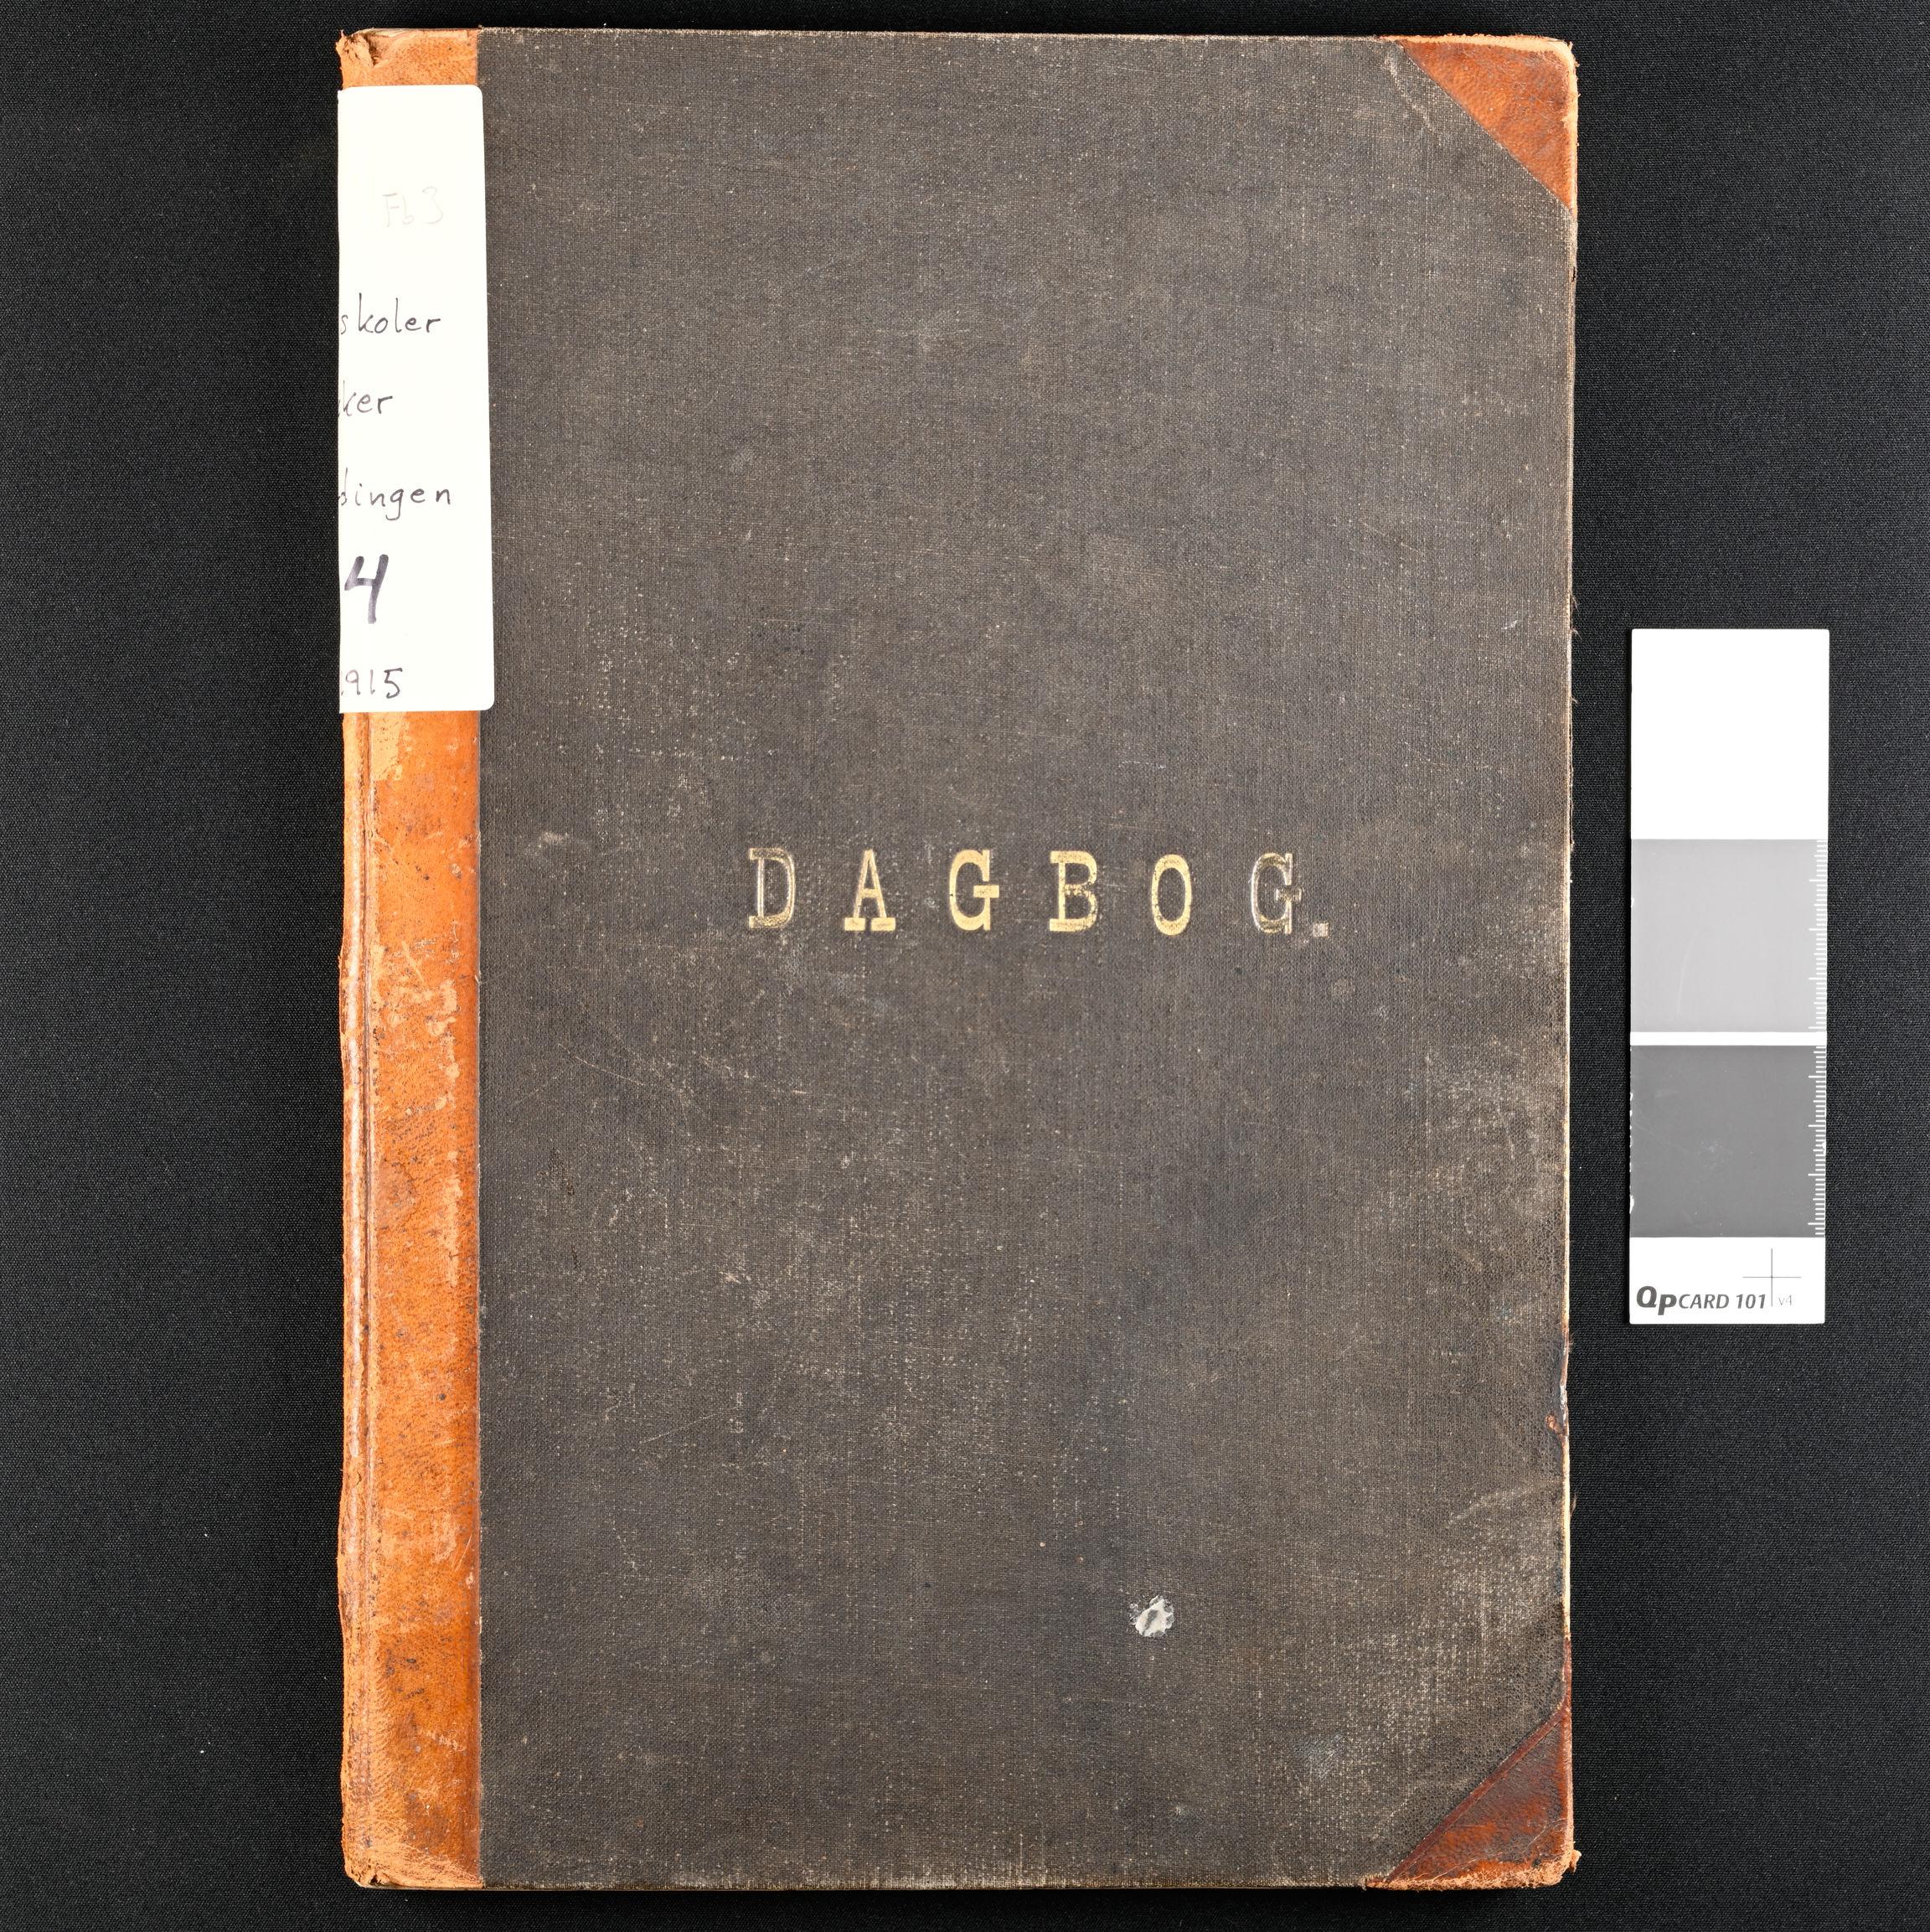 IKAO, Eidsberg kommune, Kirkefjerdingen skole, Dagbok, 1901-1915, nr 4, 1901-1915